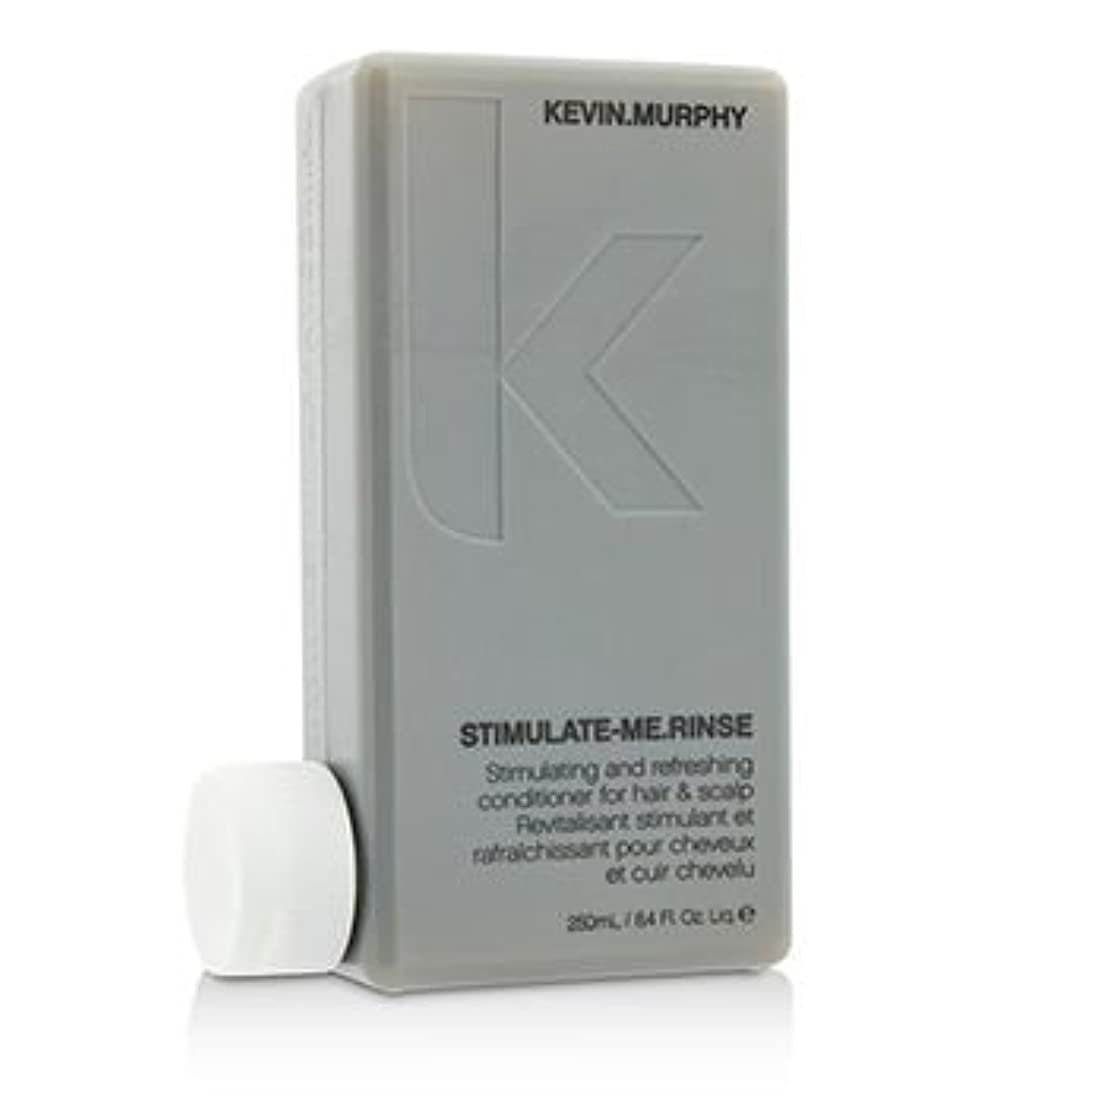 道徳教育空中スライム[Kevin.Murphy] Stimulate-Me.Rinse (Stimulating and Refreshing Conditioner - For Hair & Scalp) 250ml/8.4oz